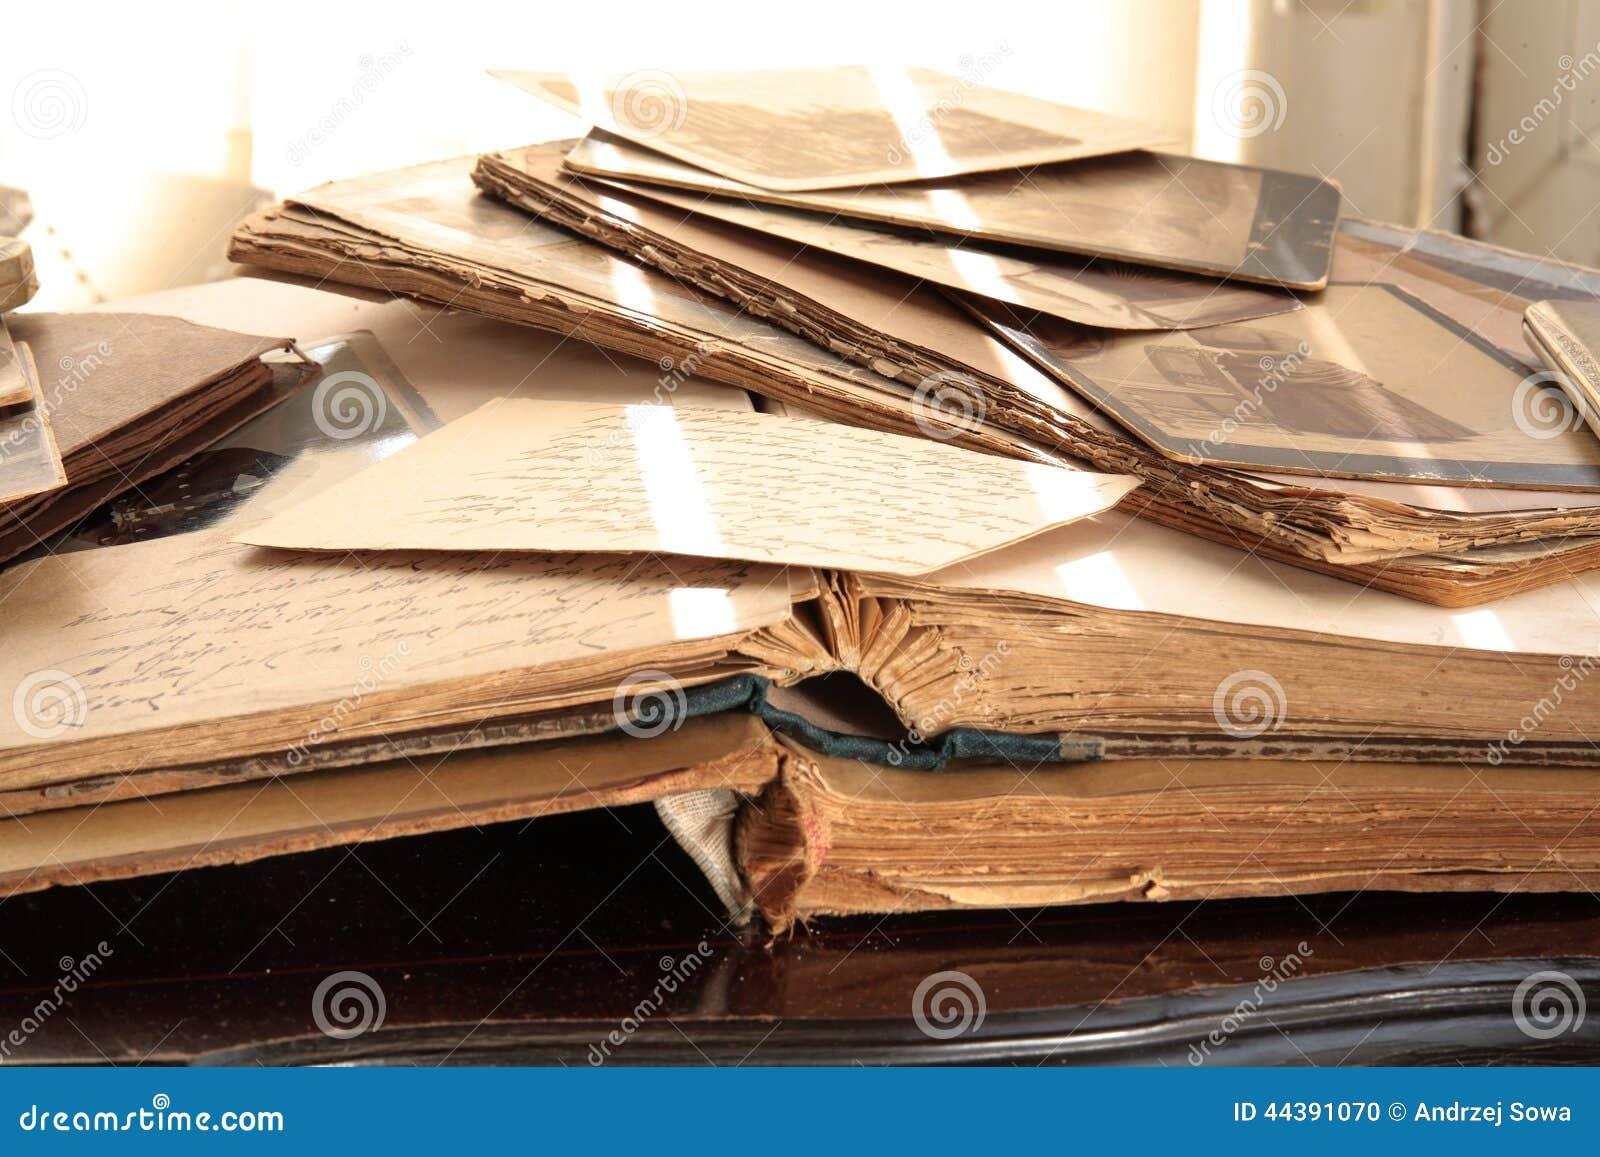 Stare książki, albumy i fotografie,